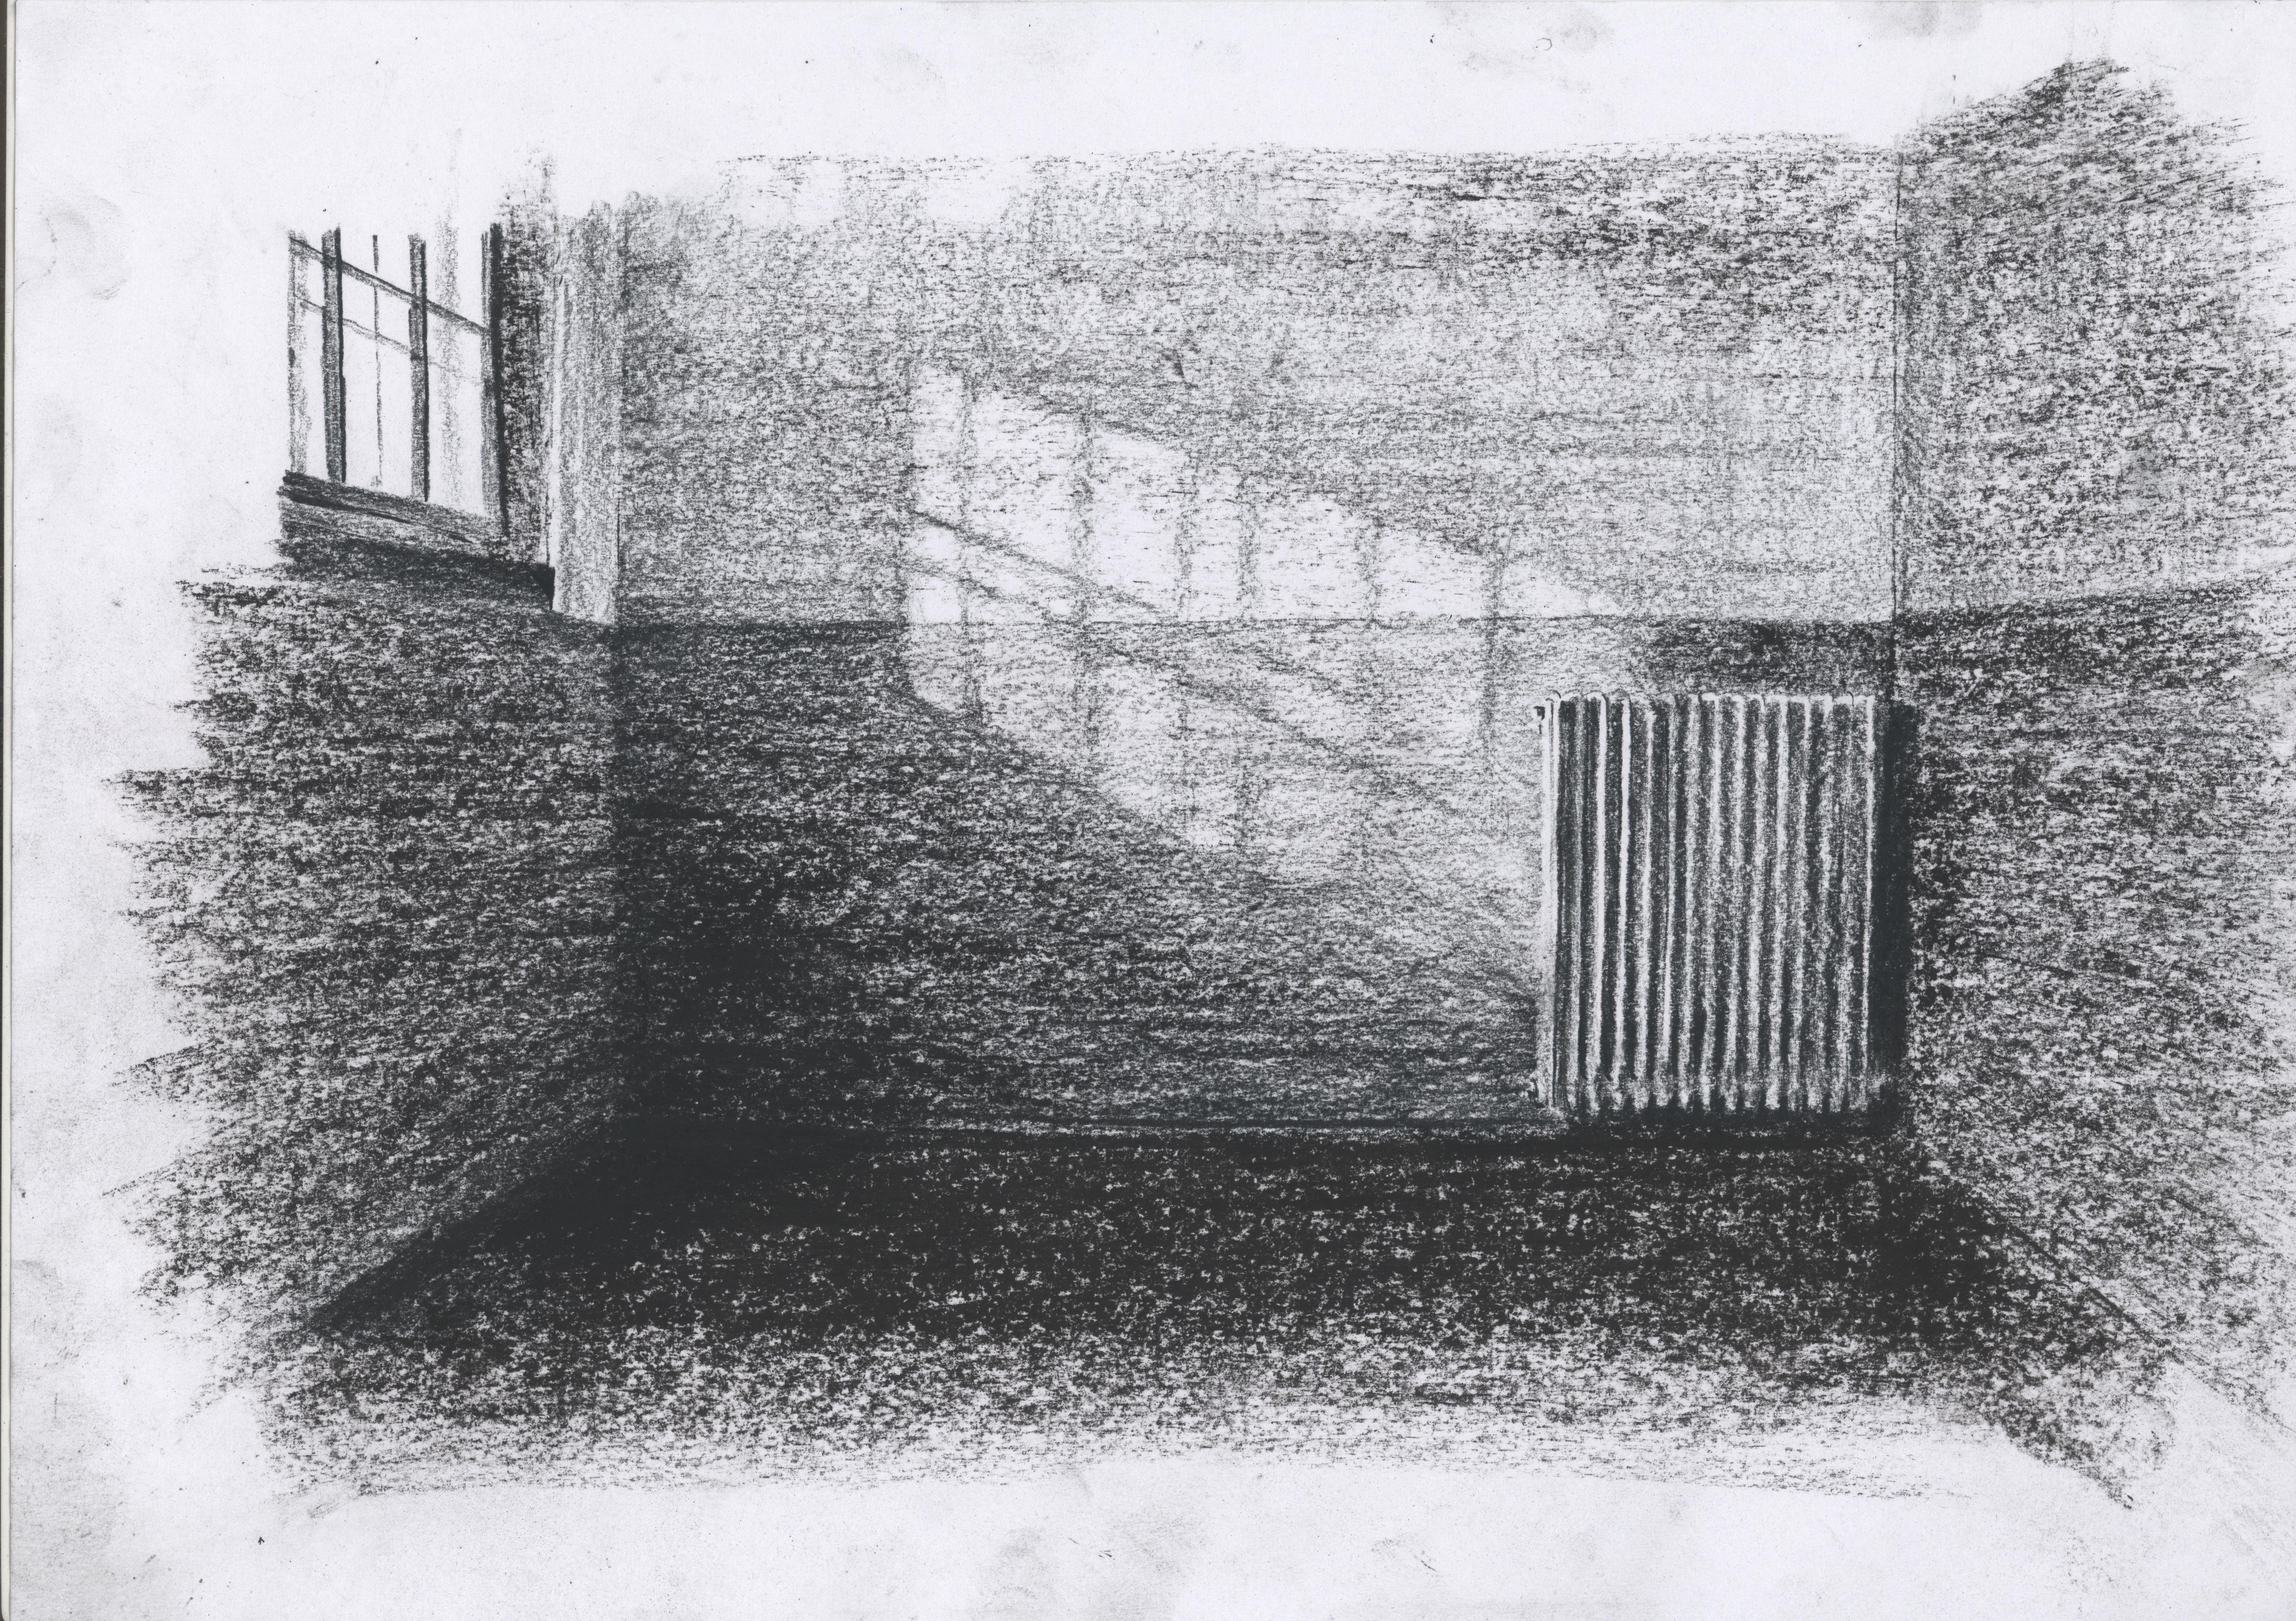 Prison4_ergebnis